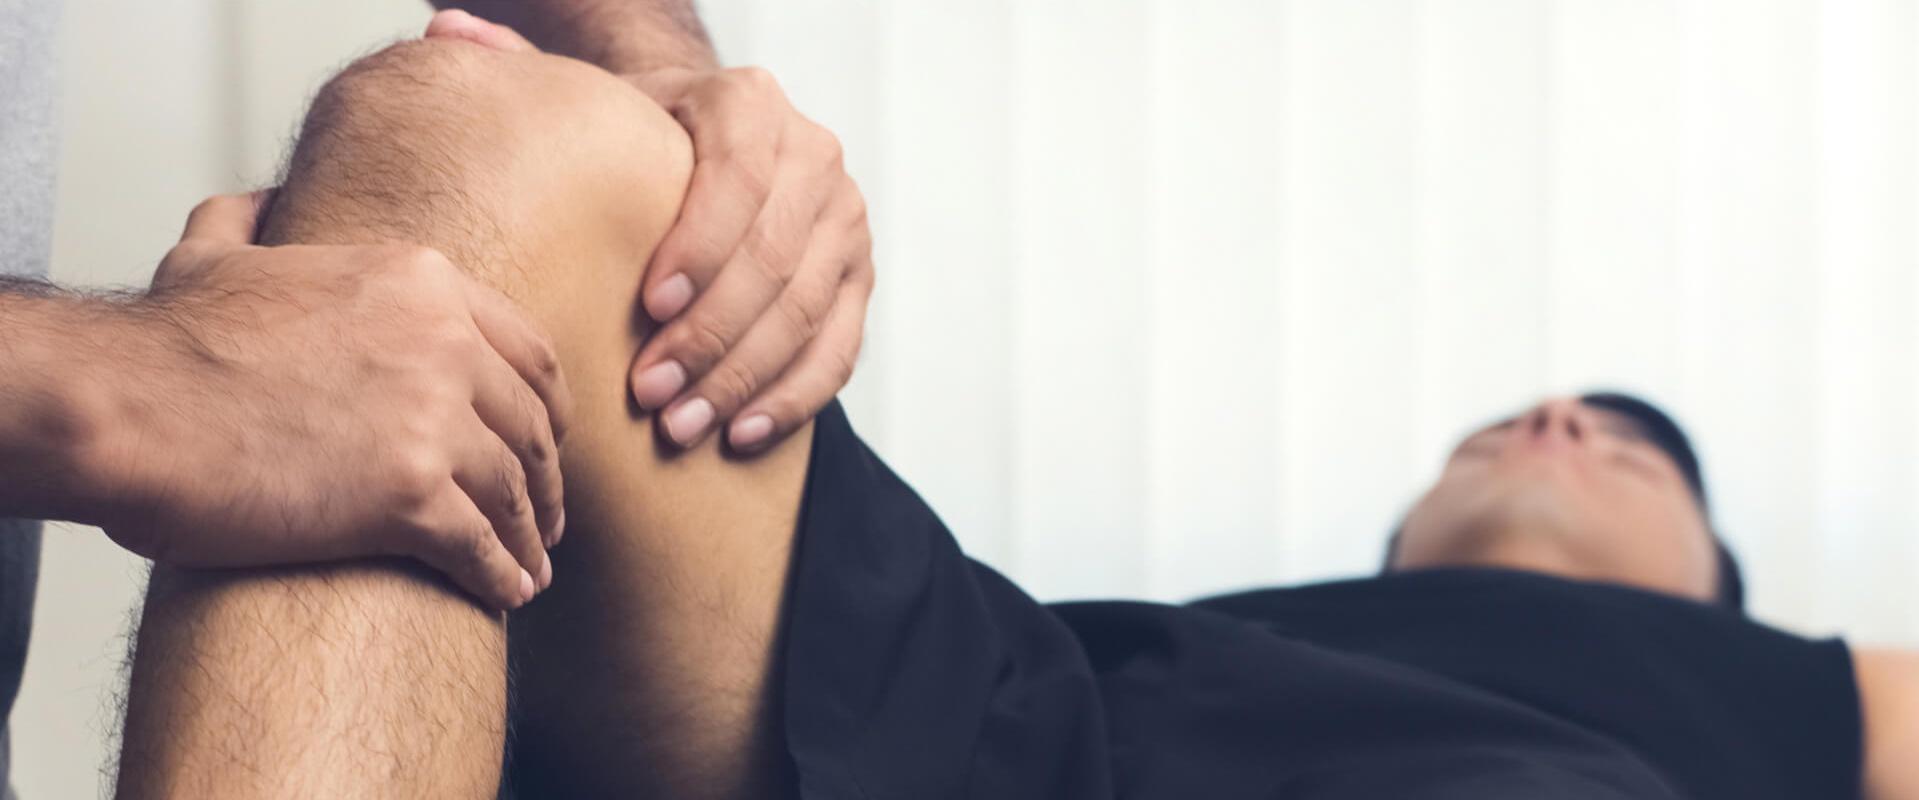 Ortopedia<br>e traumatologia